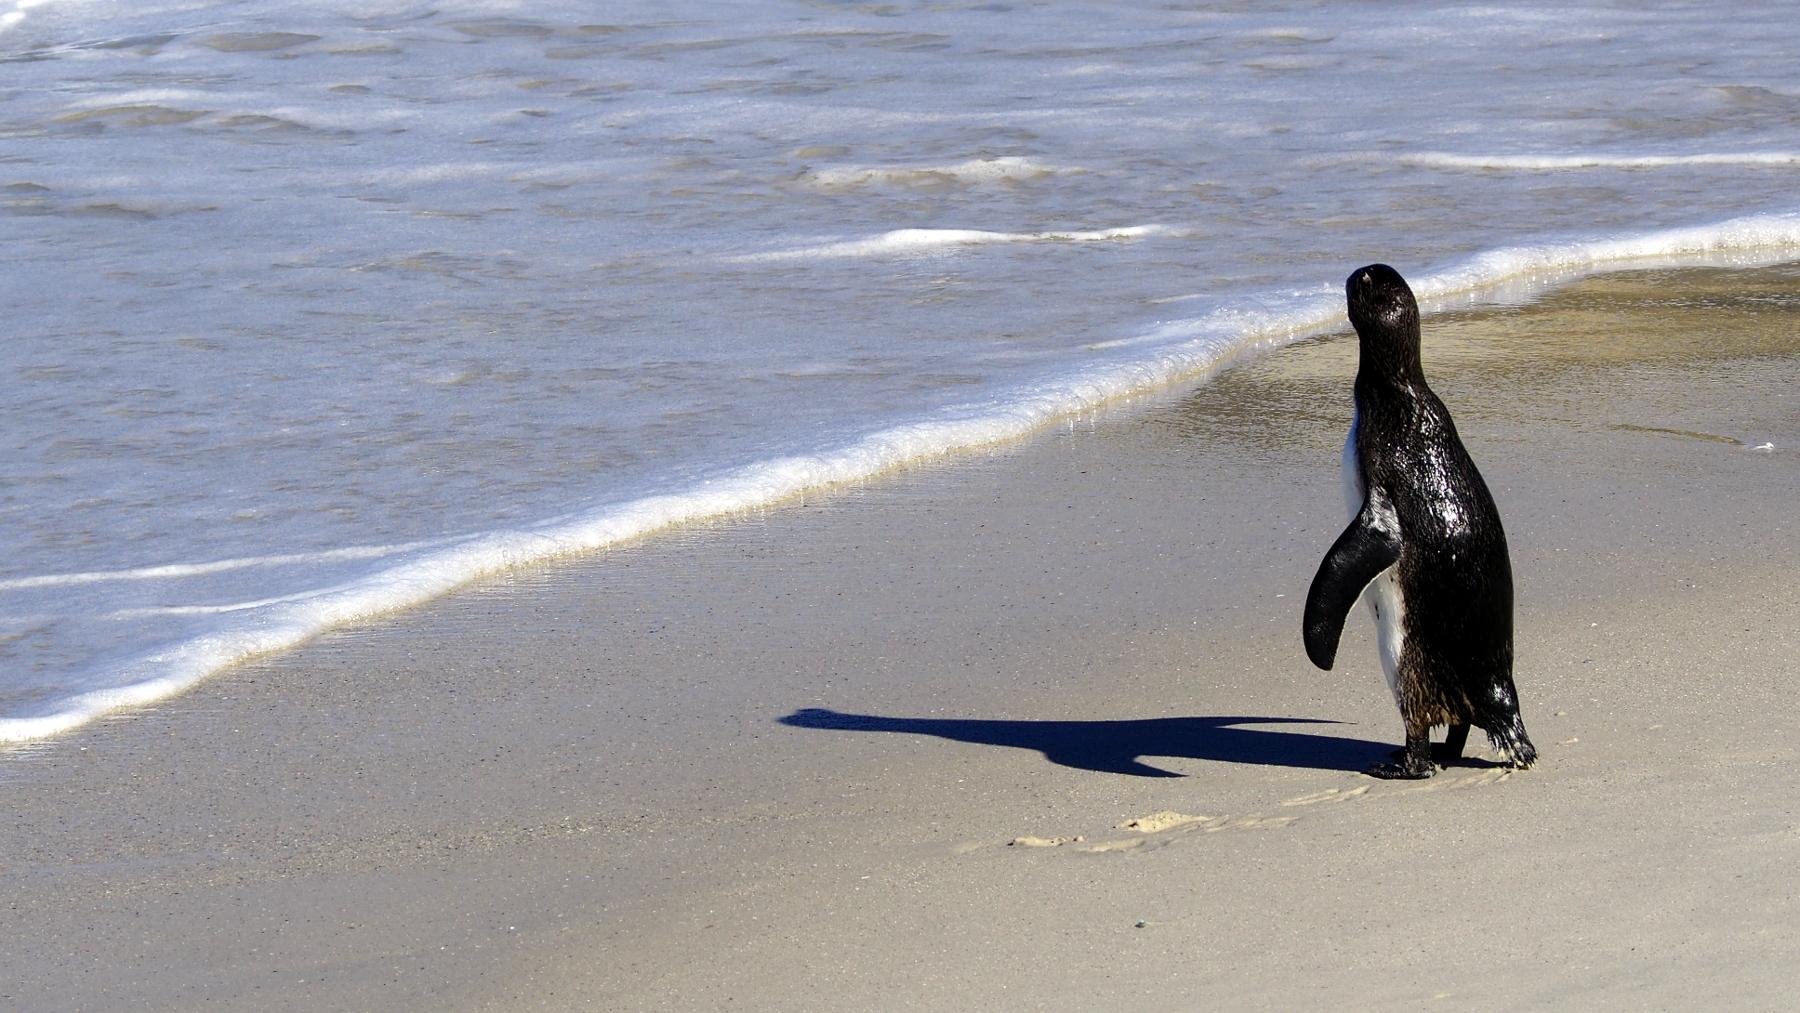 Pinguin schaut auf das Meer